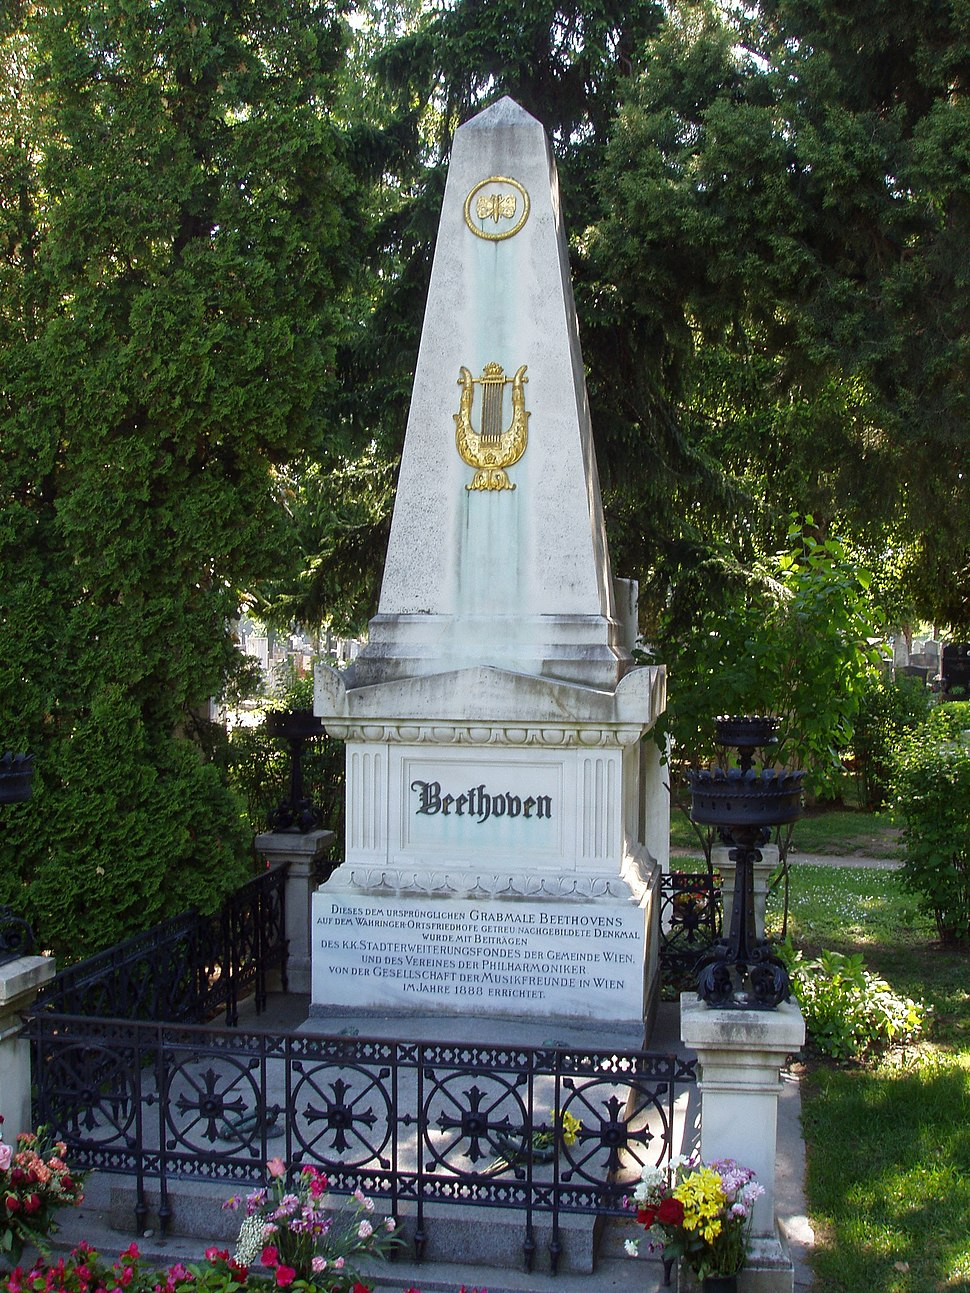 Zentralfriedhof Vienna - Beethoven